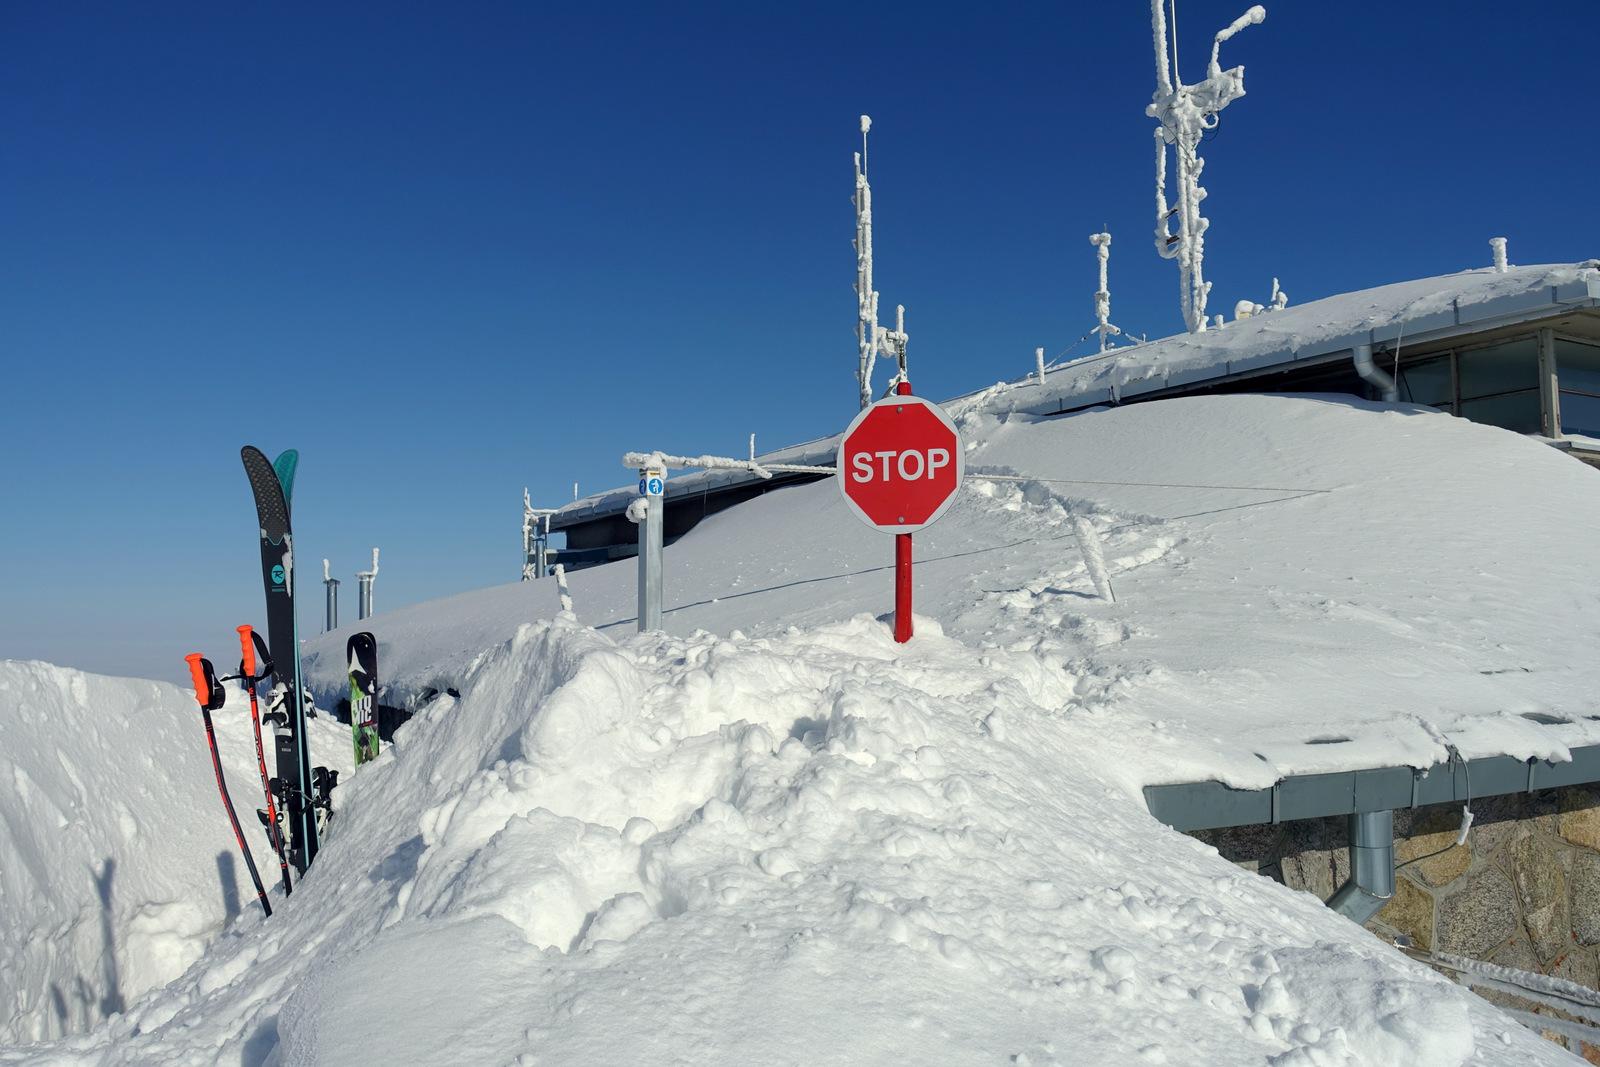 Pokrywa śniegowa na dachu górnej stacji kolejki